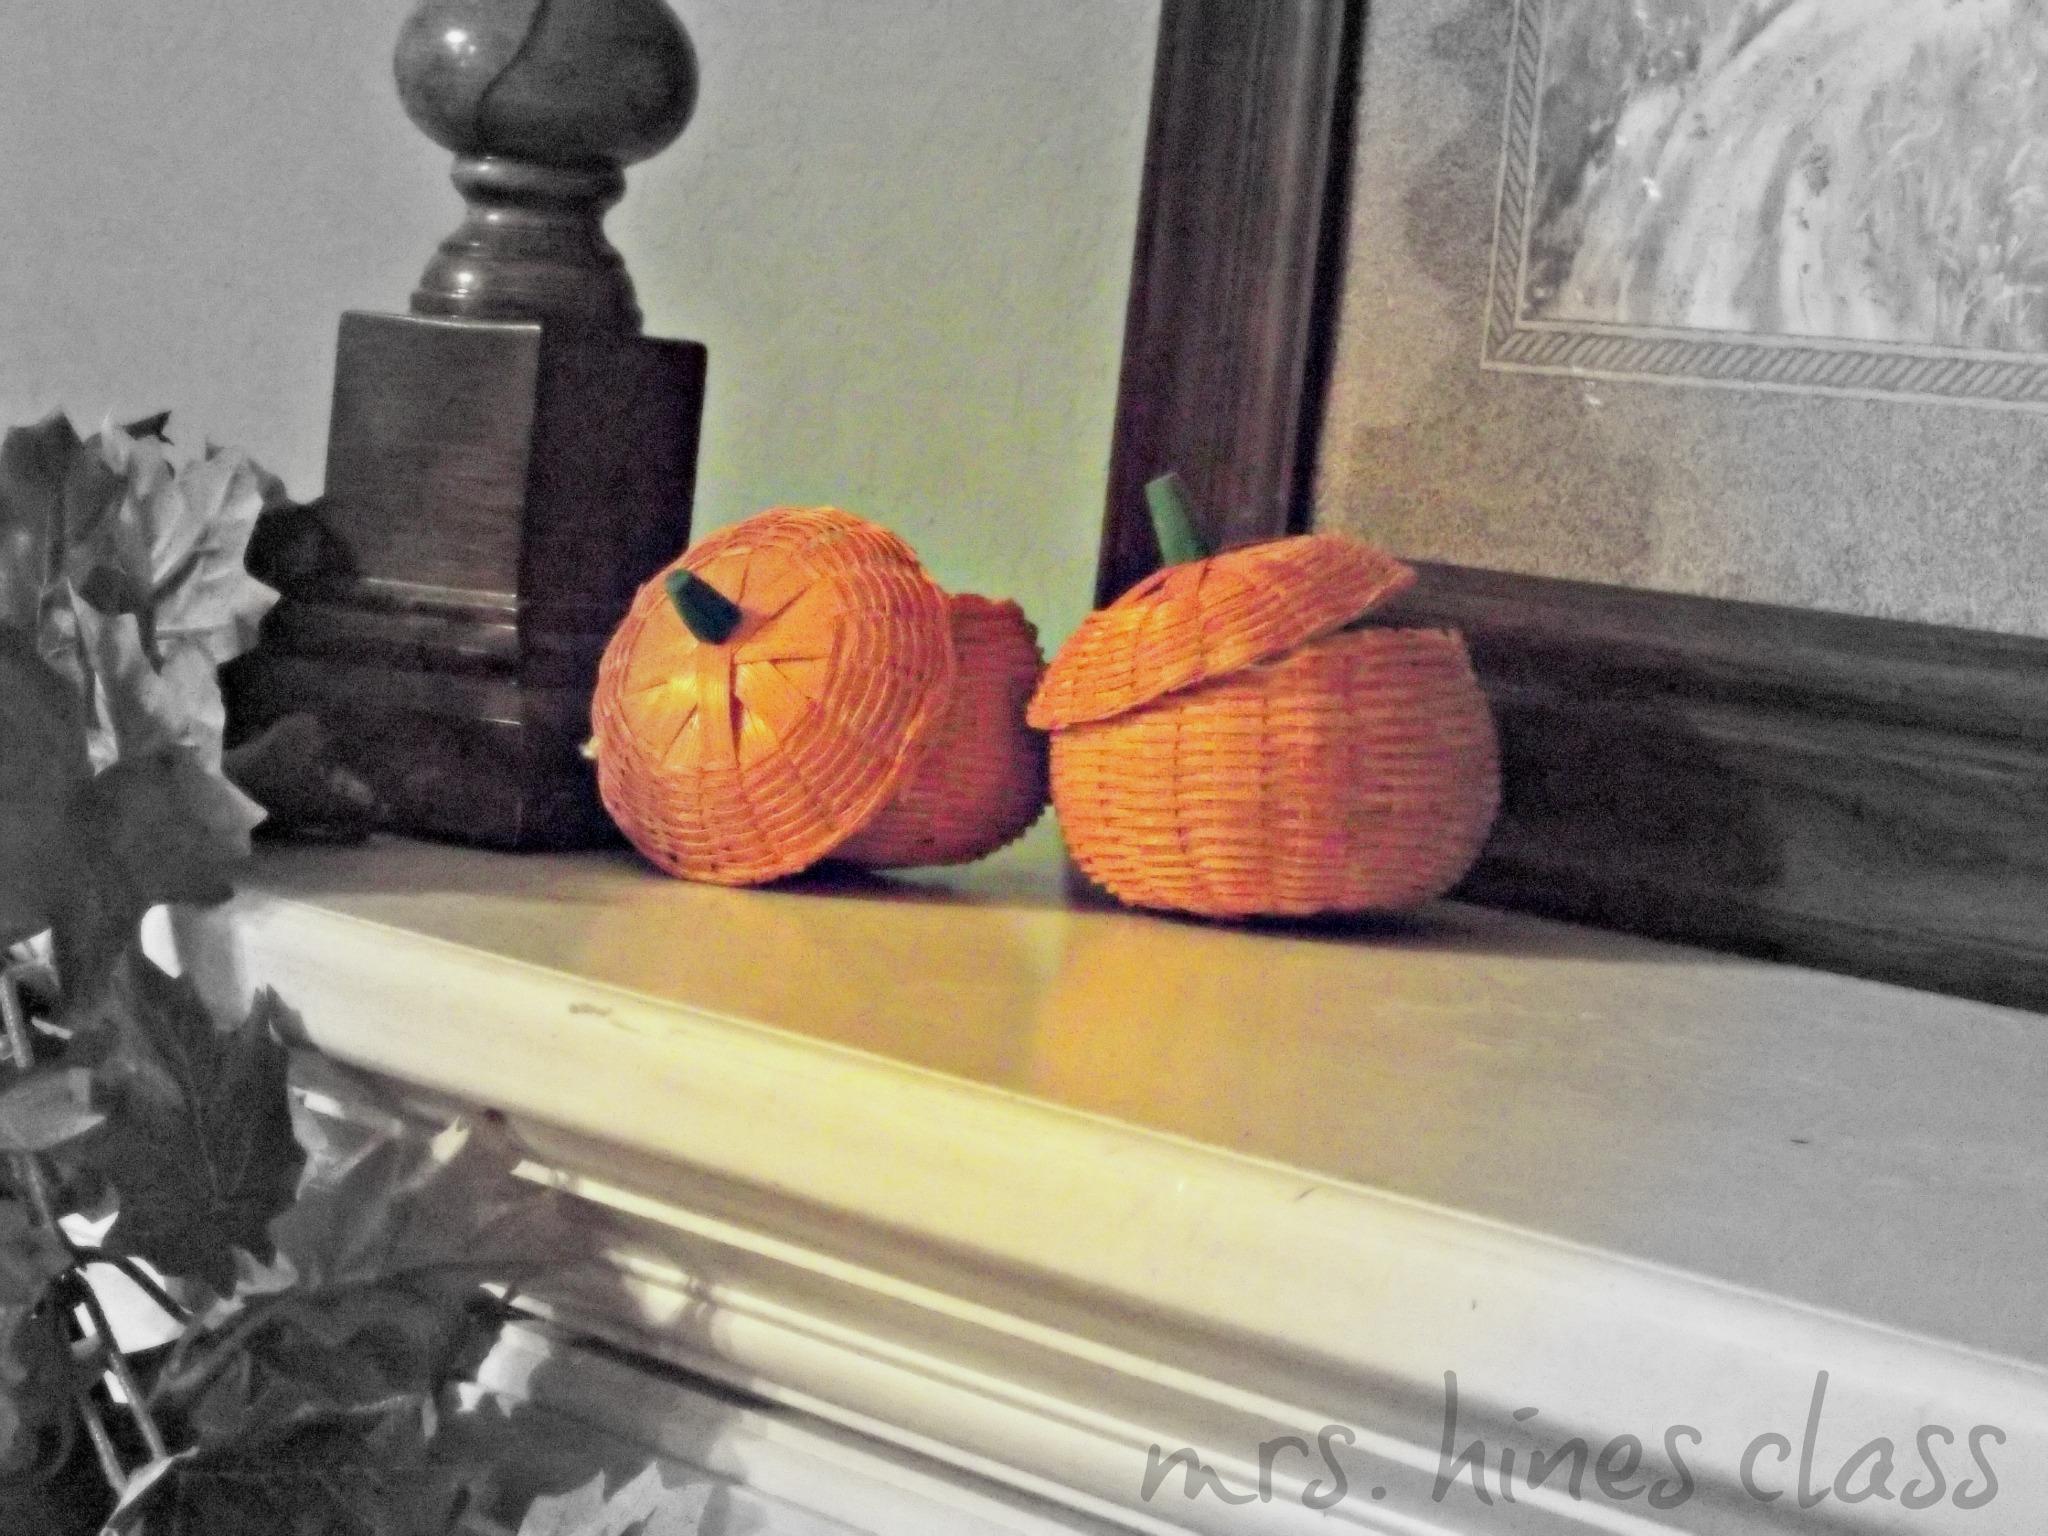 rattan pumpkins, mantel, candles, candlesticks, barley twist, garland, leaves, fall, art, fireplace